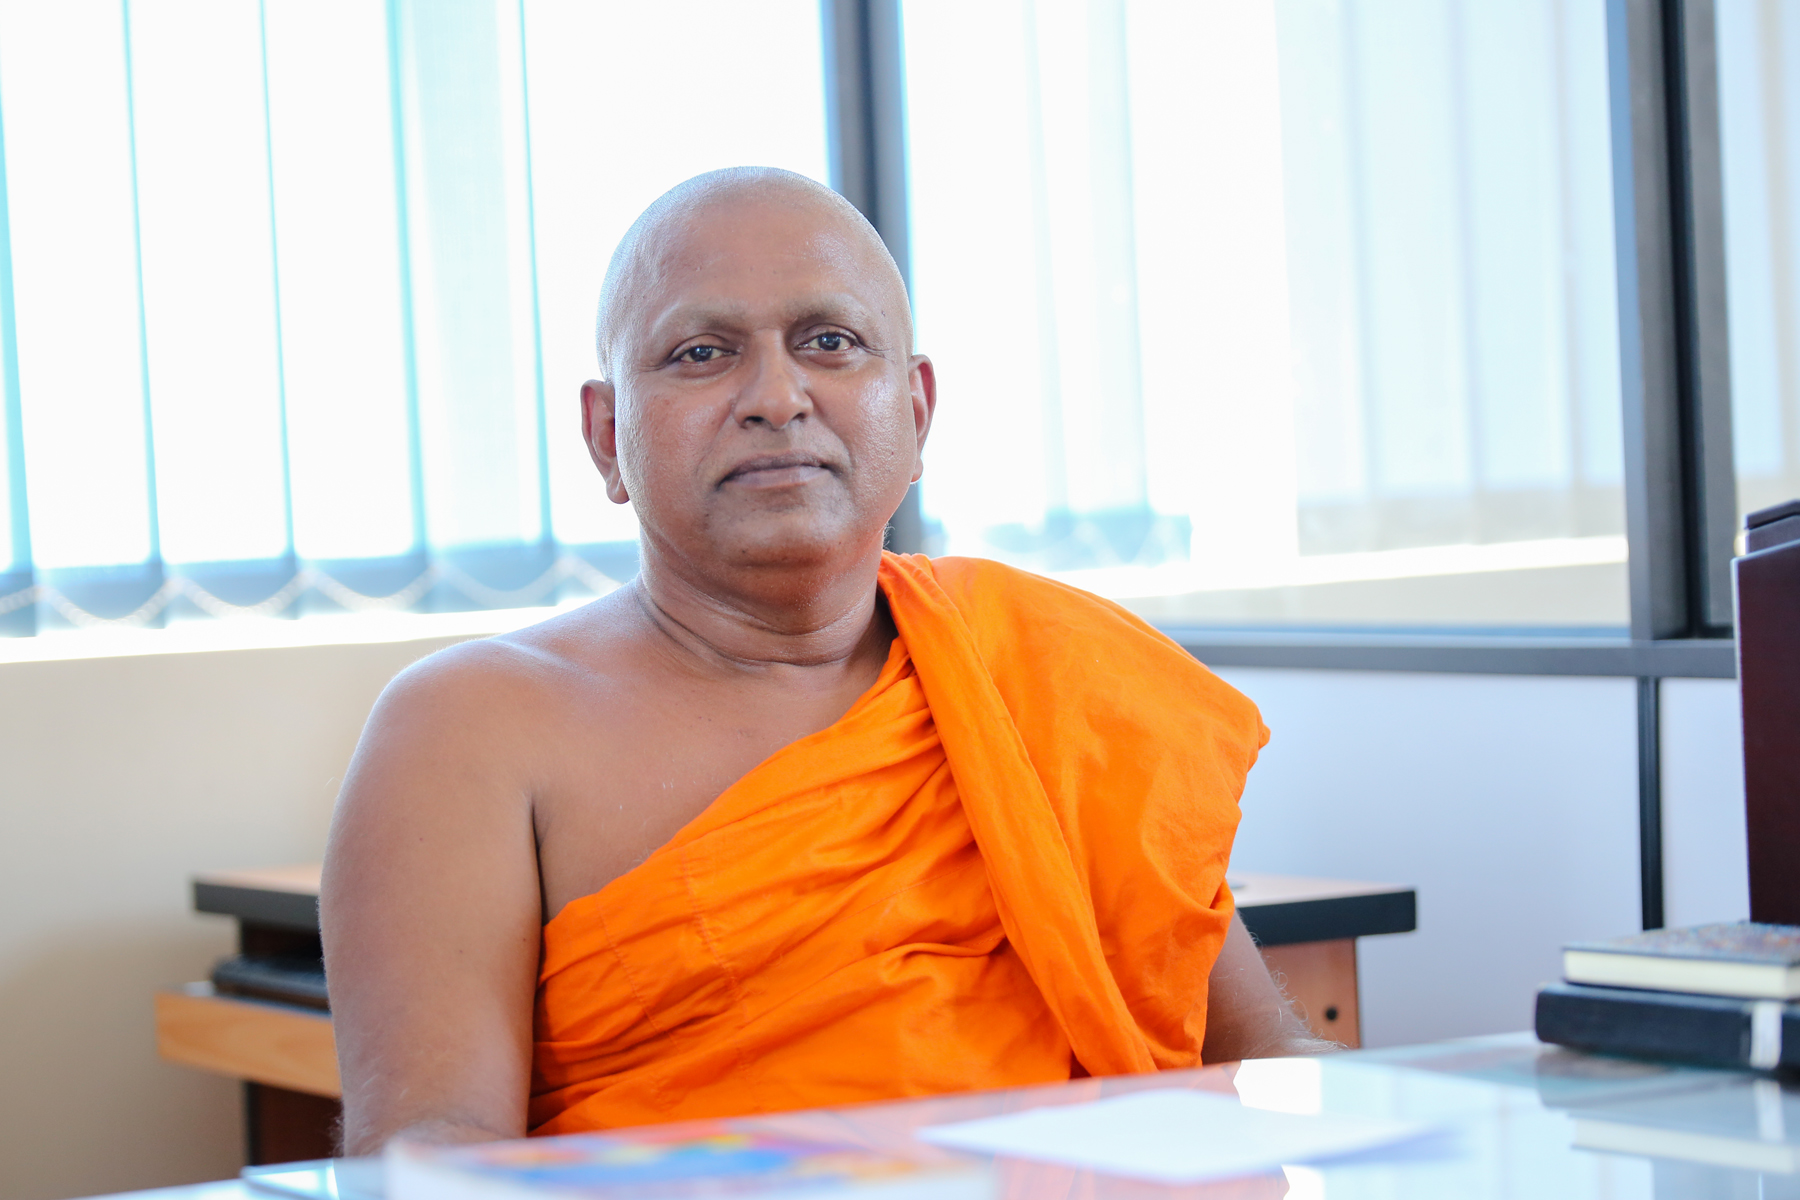 Ven. Dr. Meemure Gunananda Thero